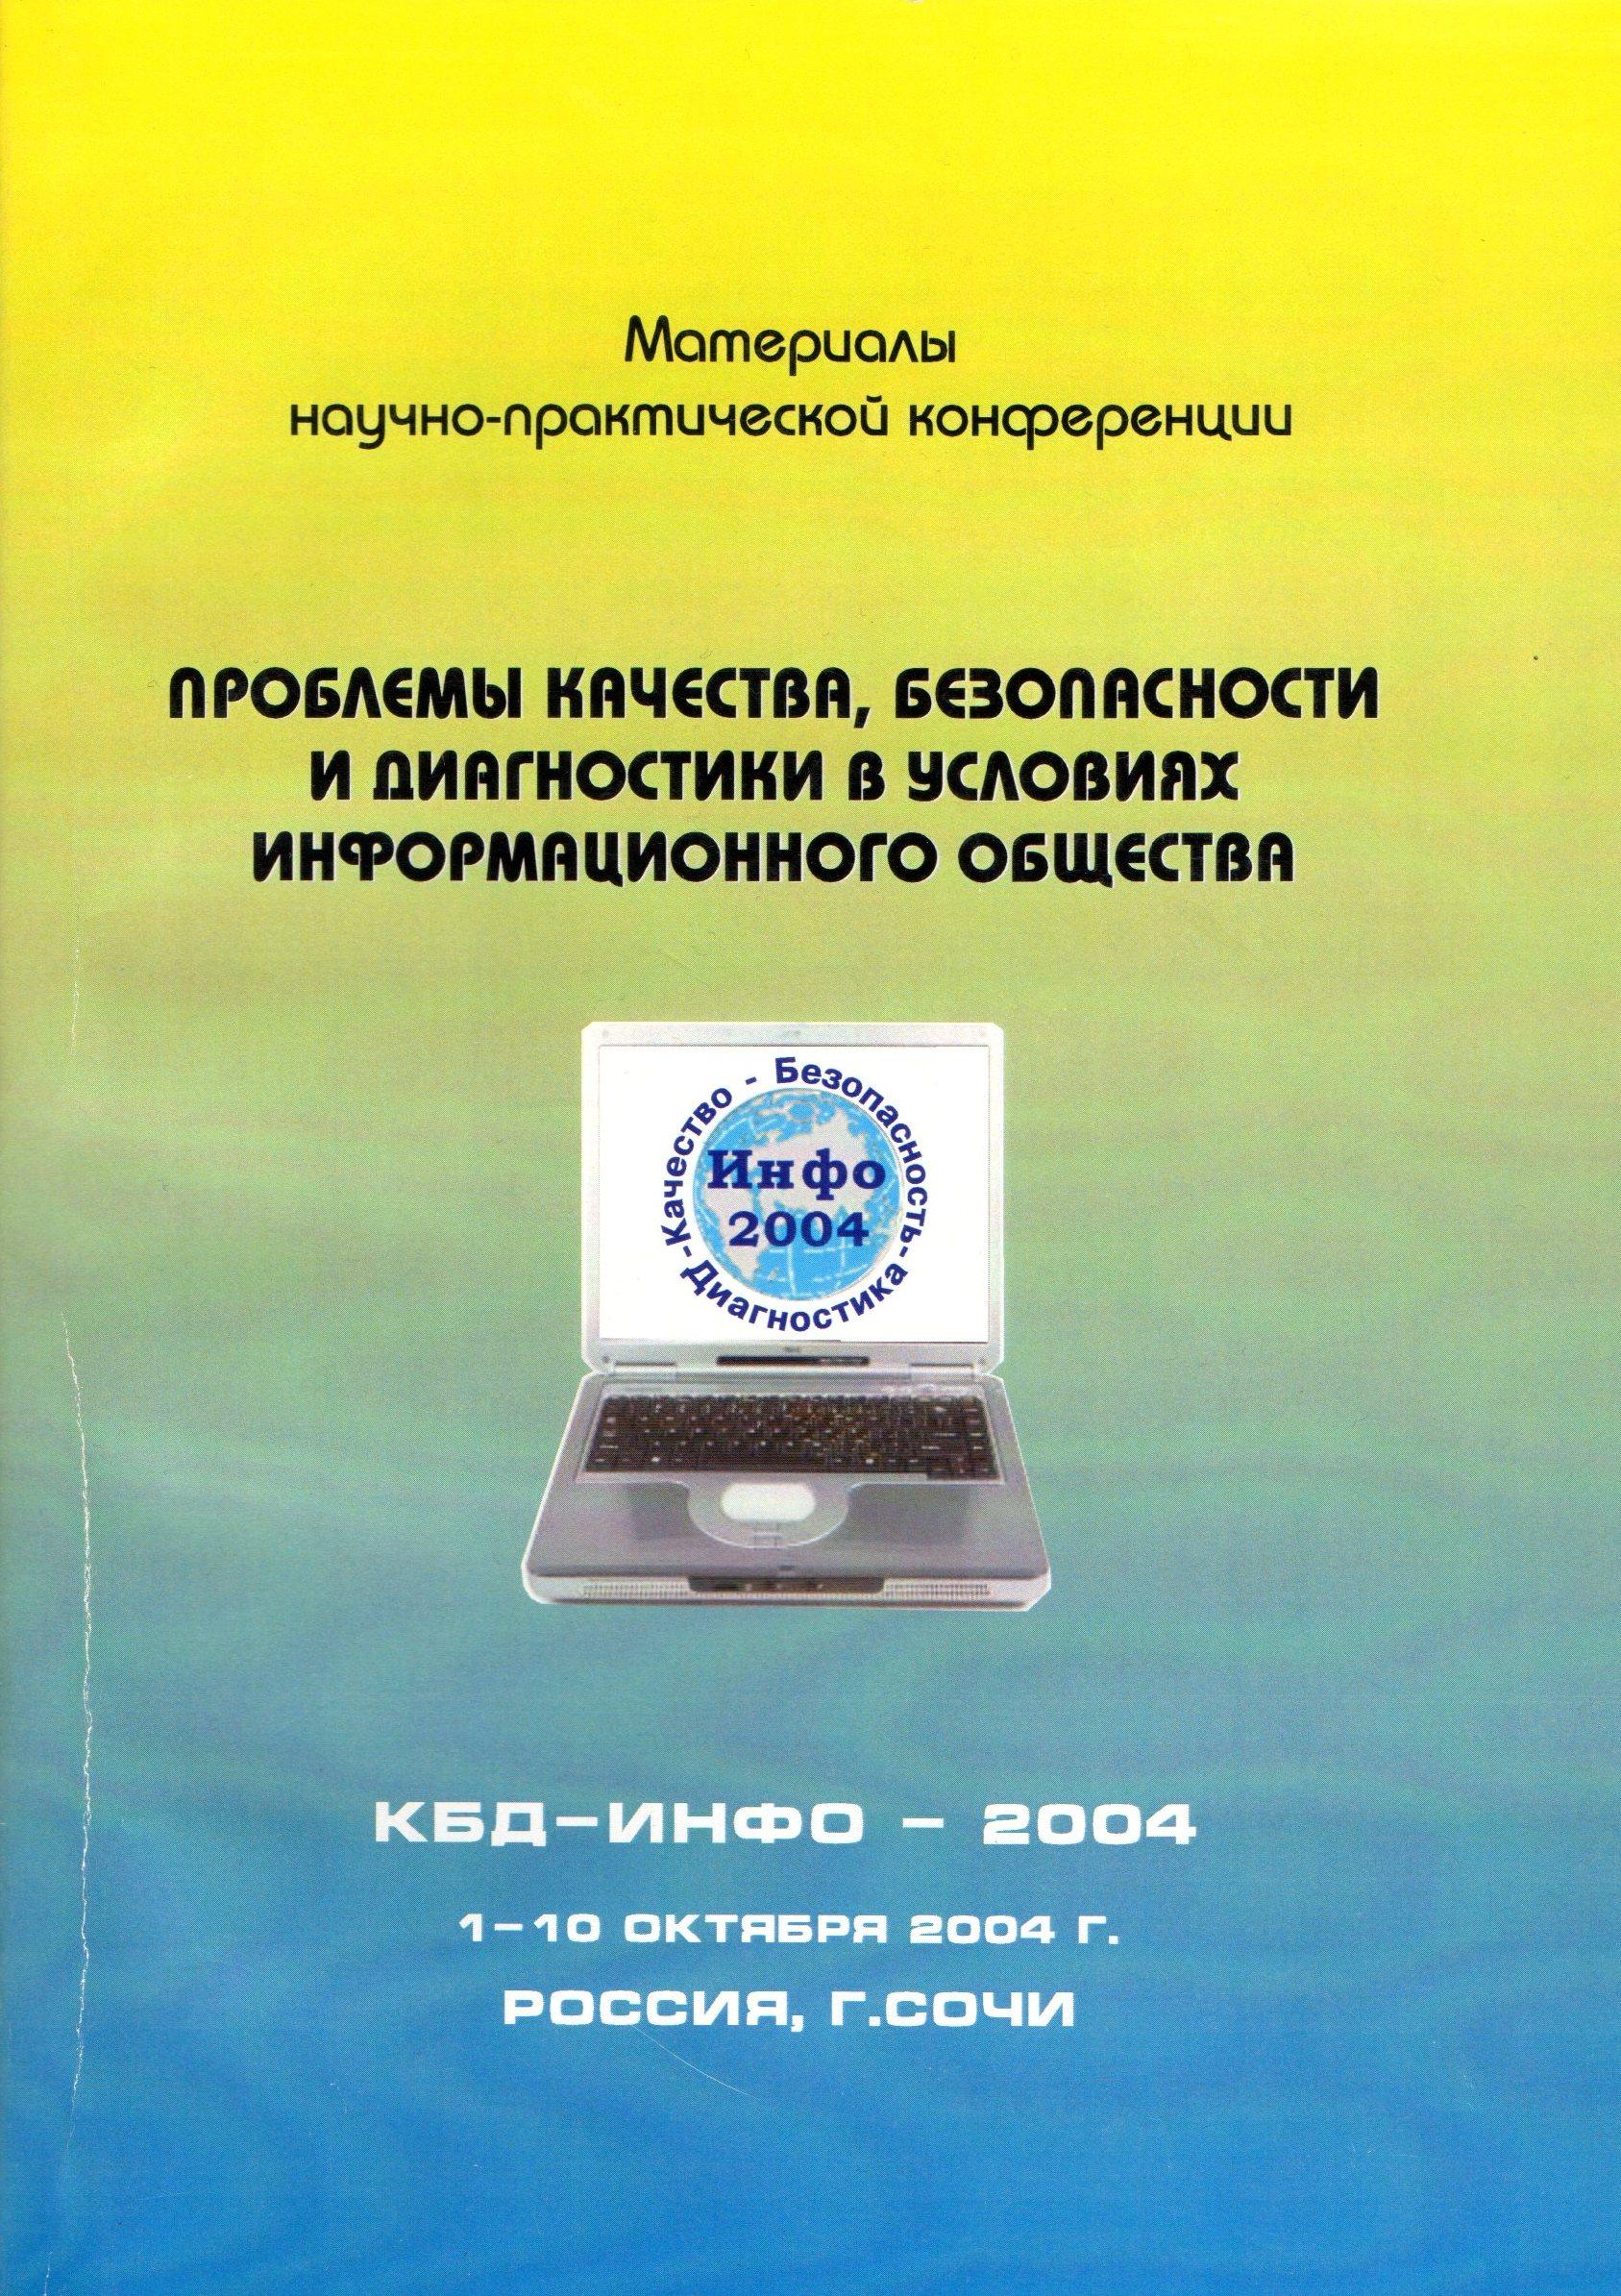 Разработка INTERNET-представительства подсистемы АСОНИКА-К